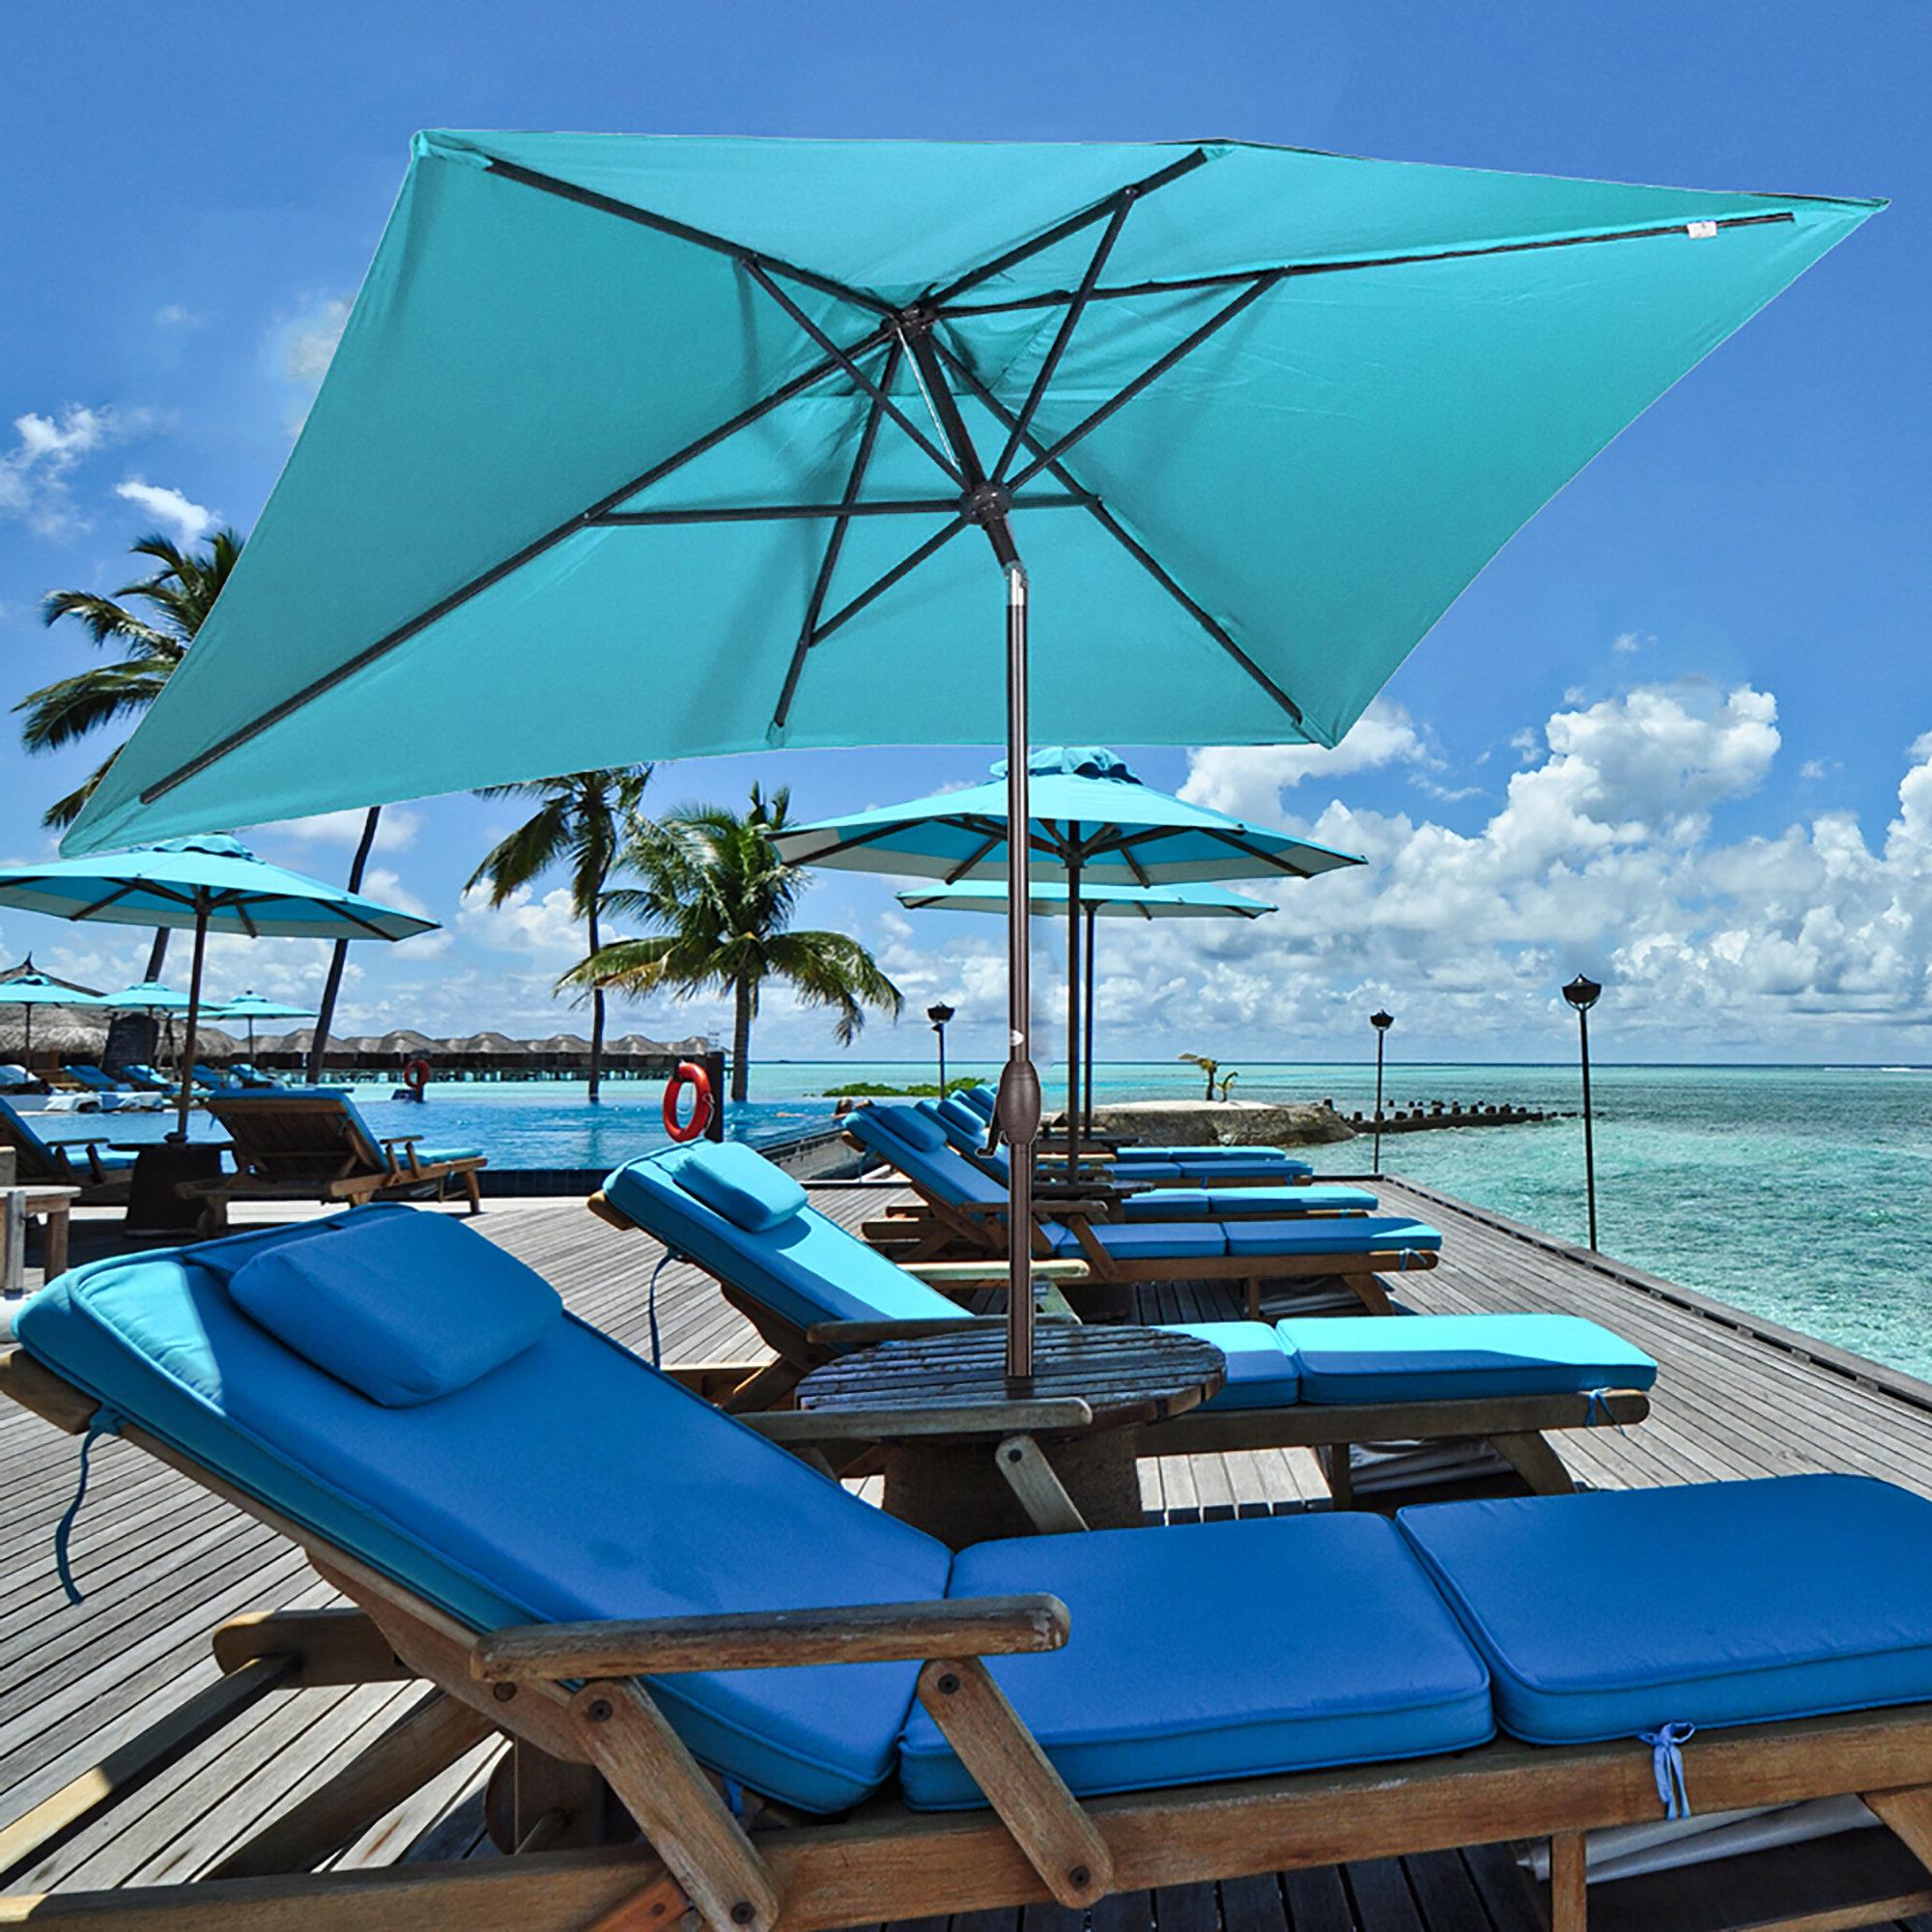 Fordbridge 7' X 10' Rectangular Market Umbrella For Favorite Bonita Rectangular Market Umbrellas (View 11 of 20)